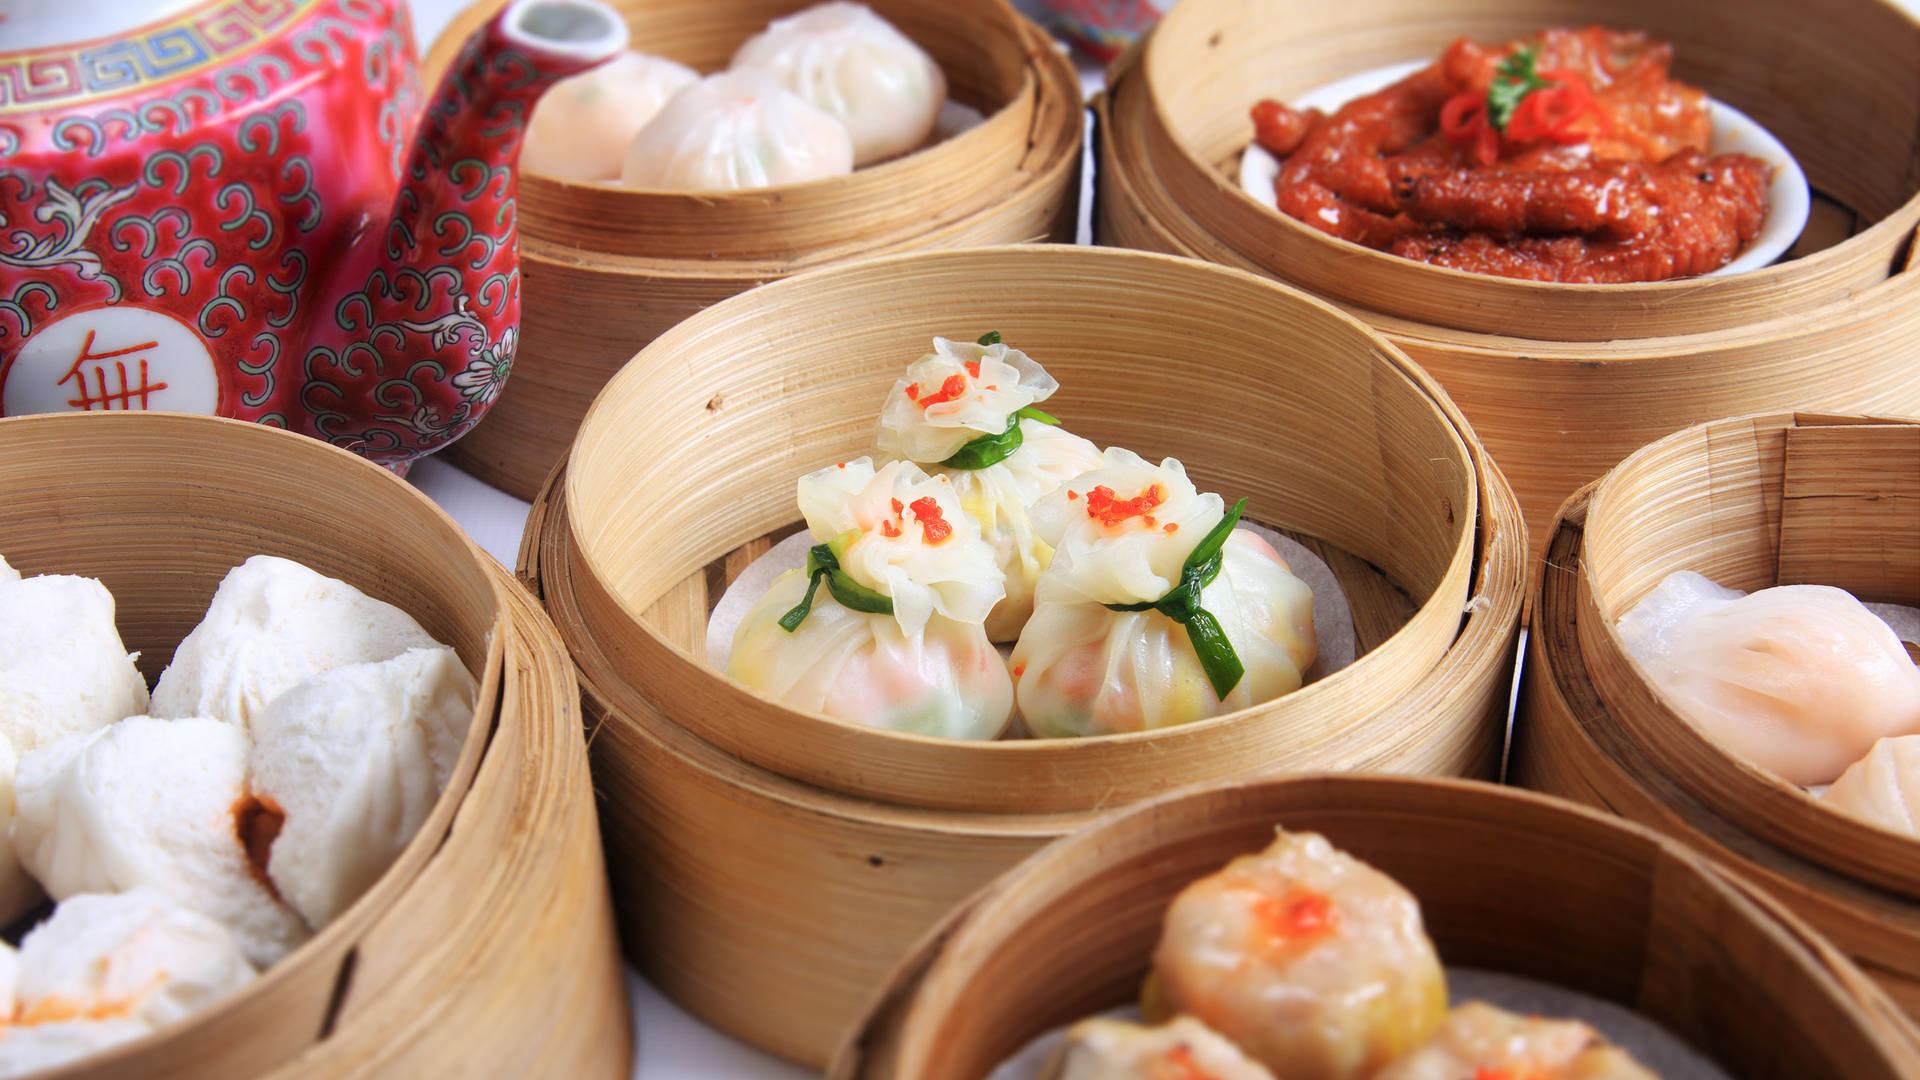 View of a dish in Guangzhou